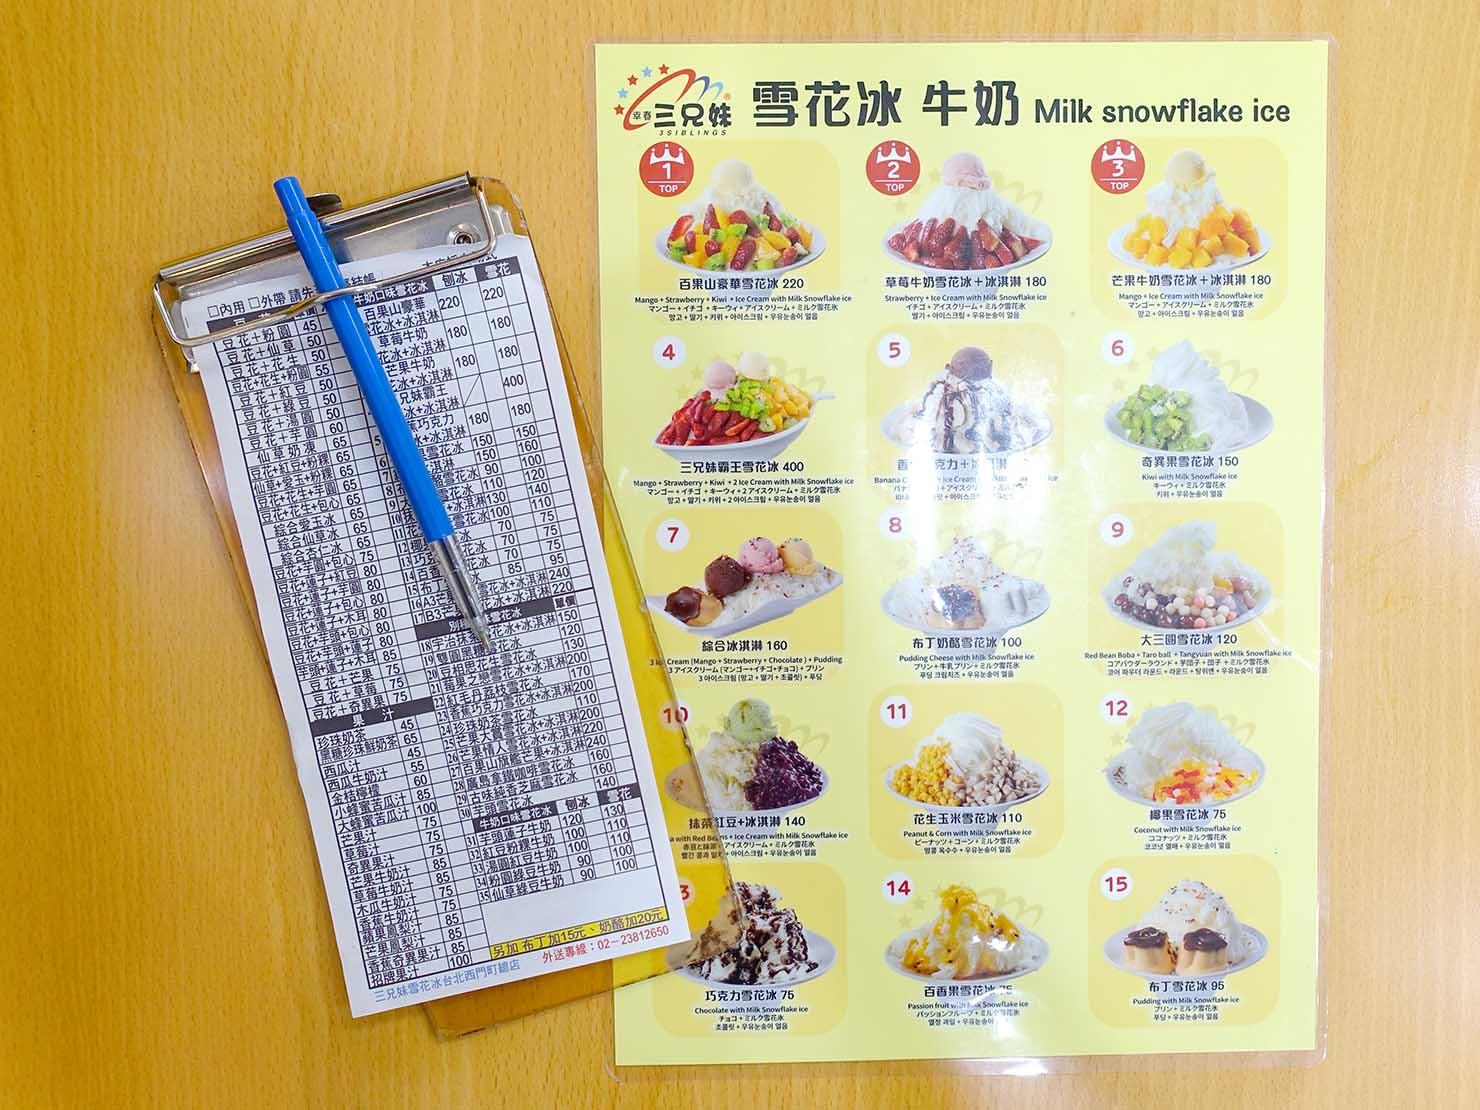 台北・西門町のおすすめひんやりスイーツ店「三兄妹雪花冰」のメニュー